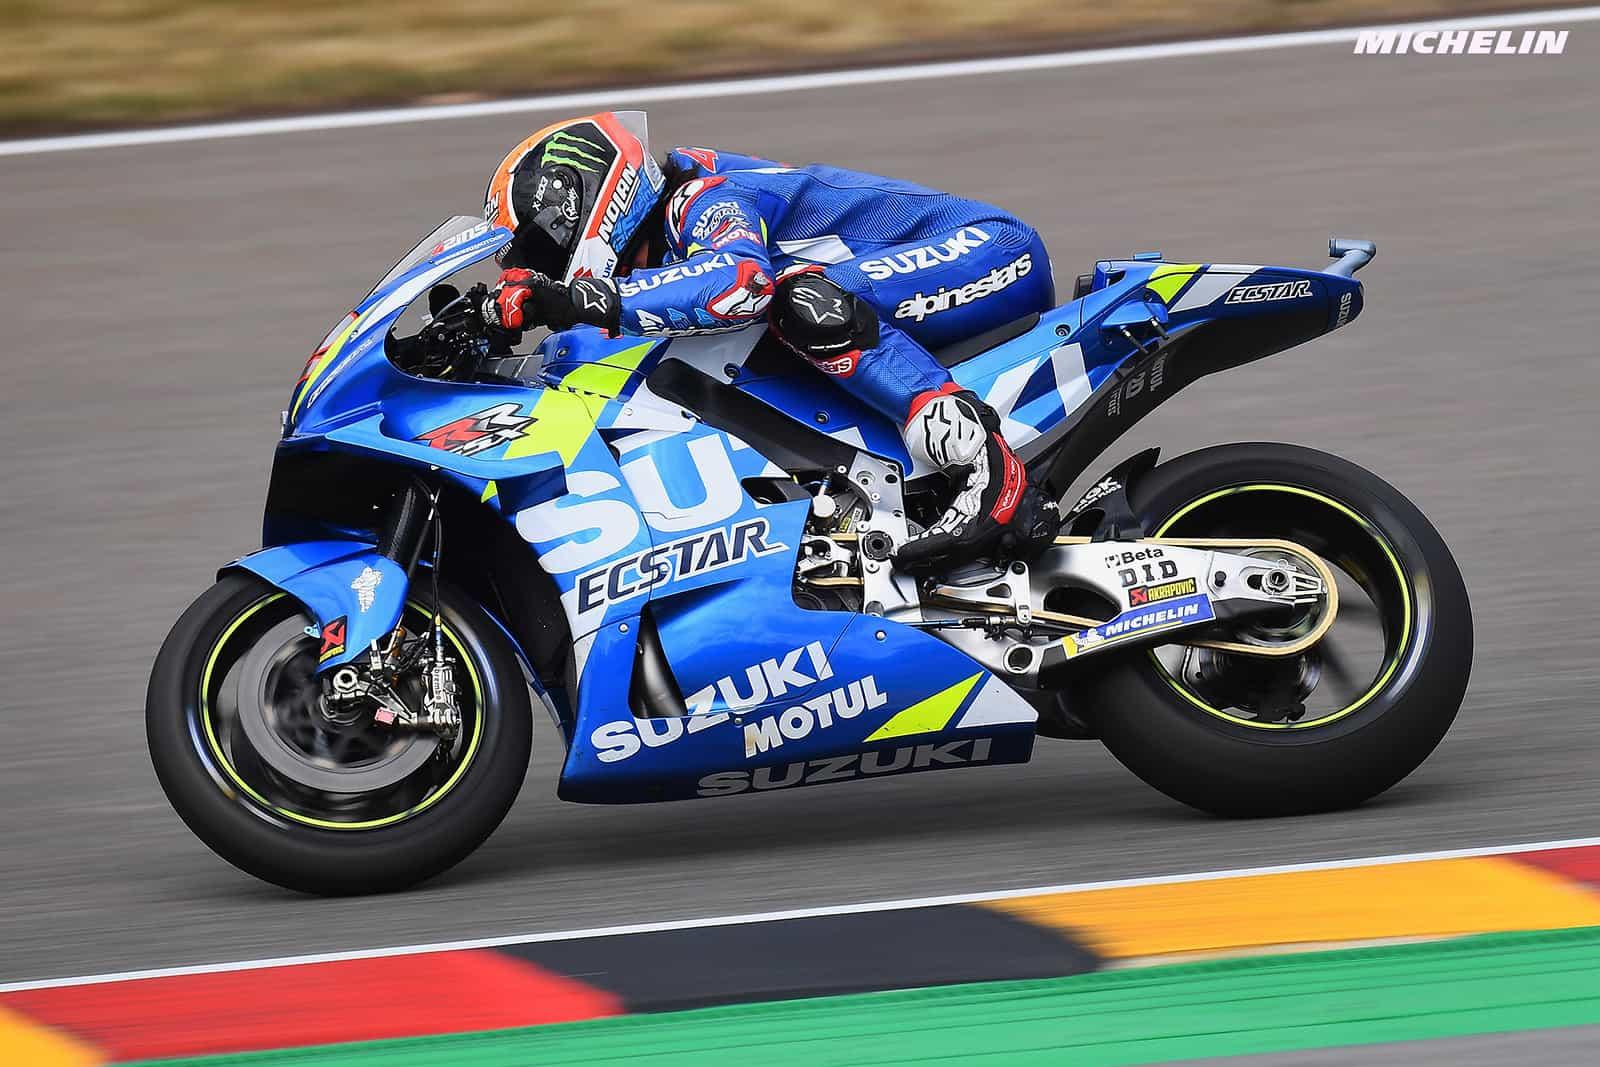 MotoGP2019ドイツGP 予選4位リンス「2列目を獲得することが目標だった」